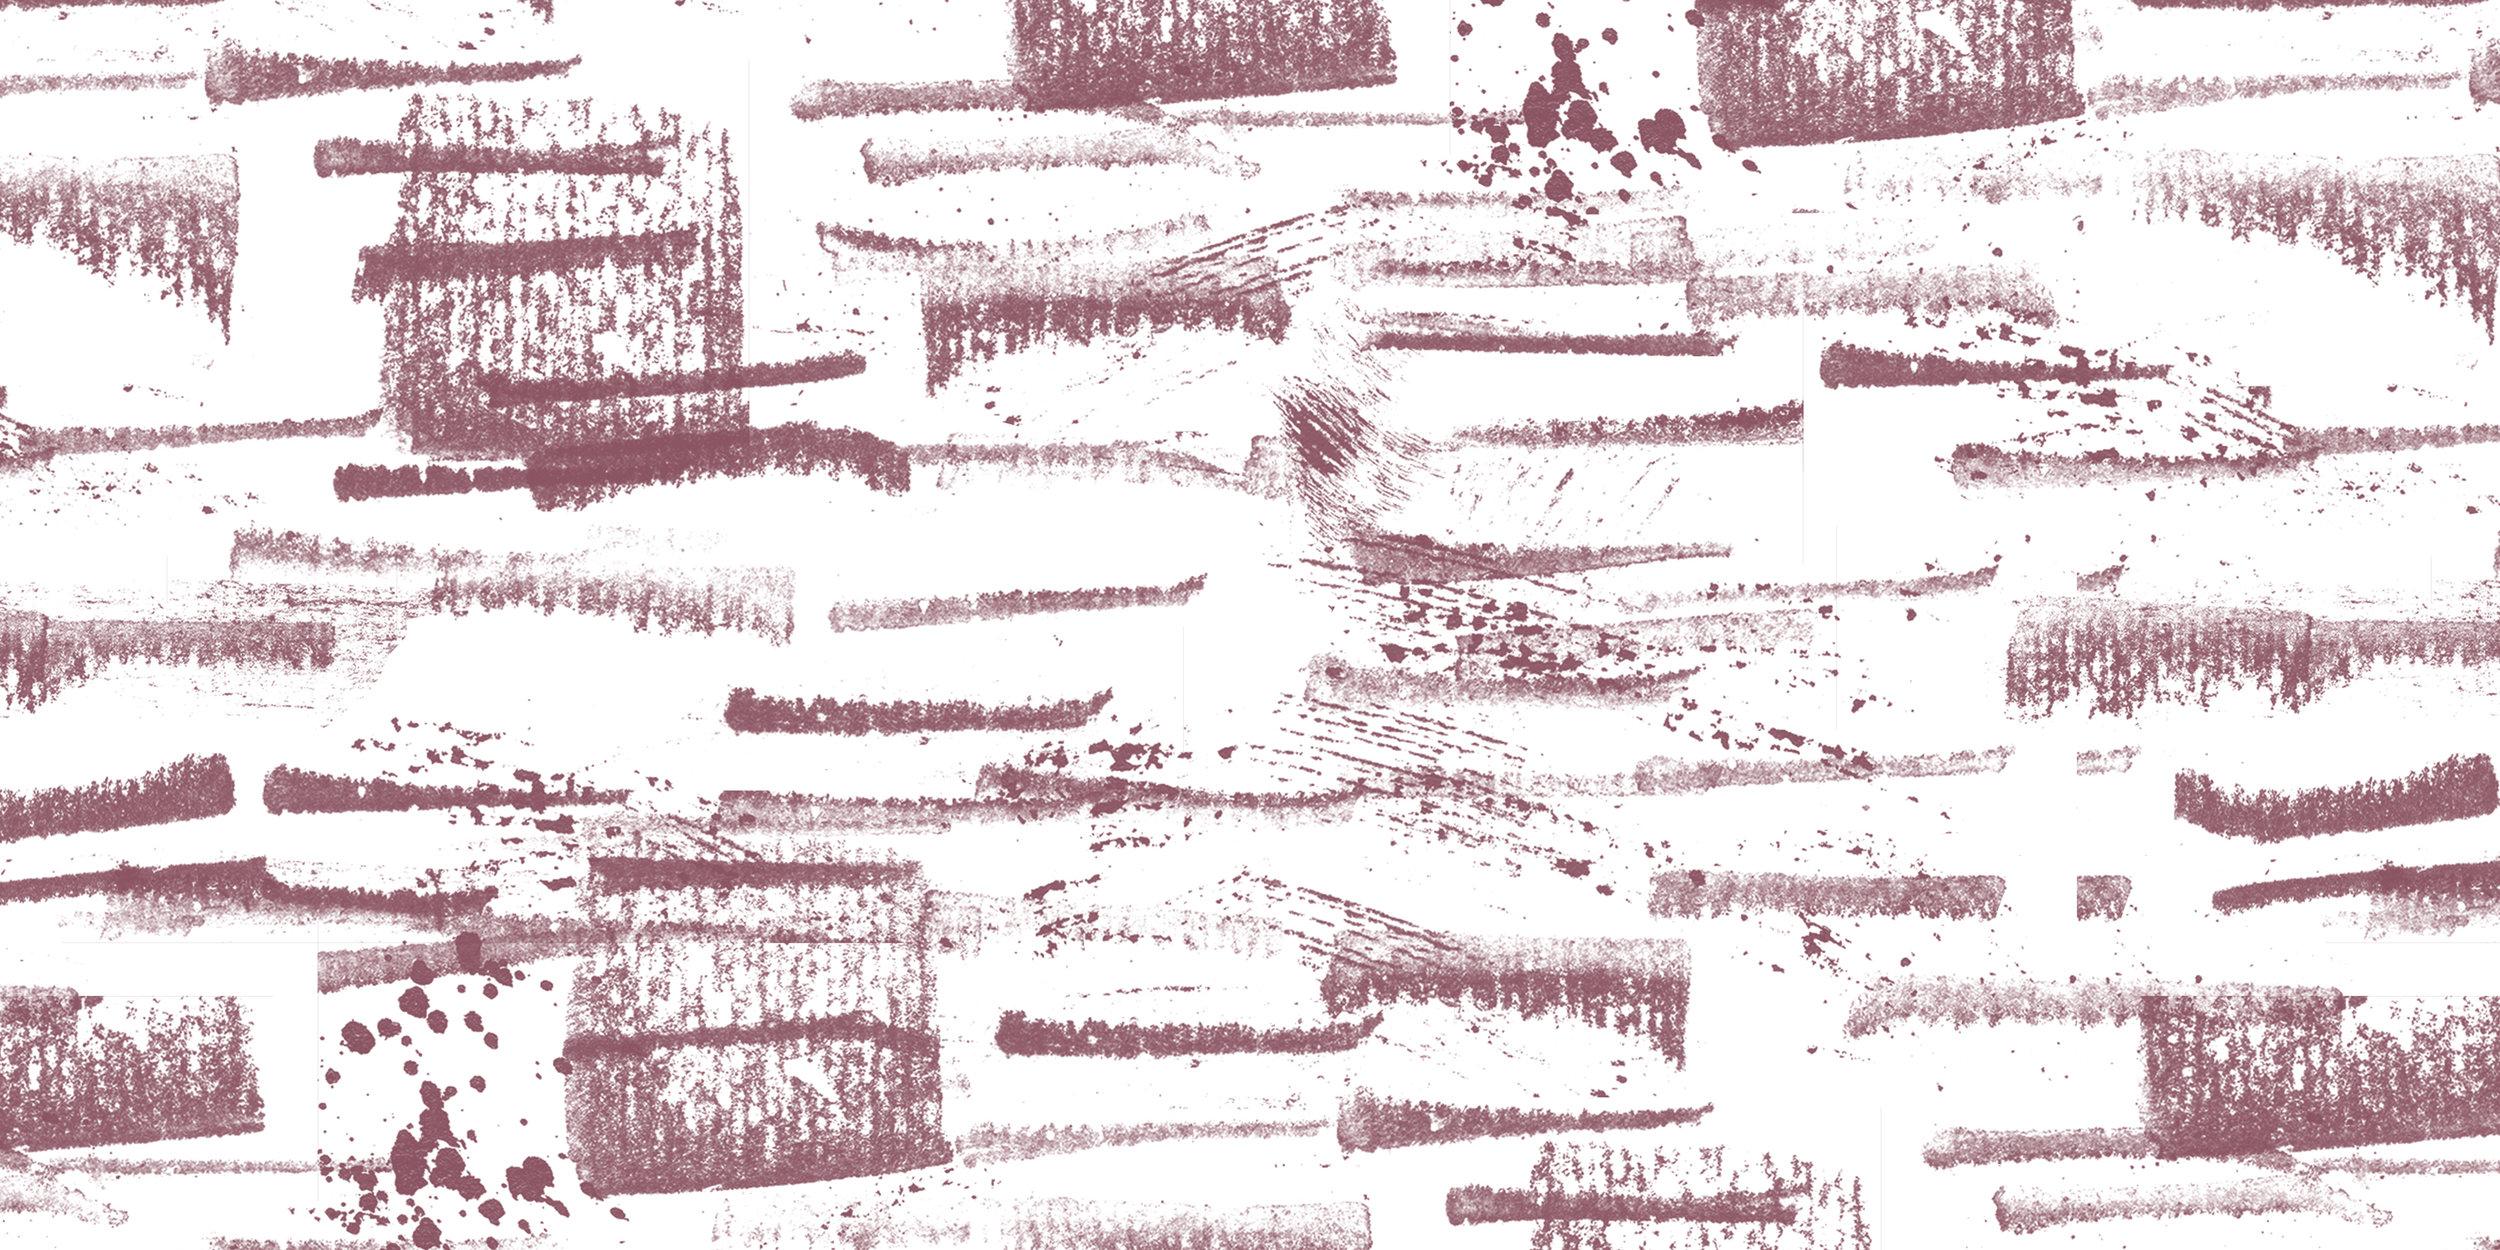 PatternsForWebsite_Wide_Marks.jpg